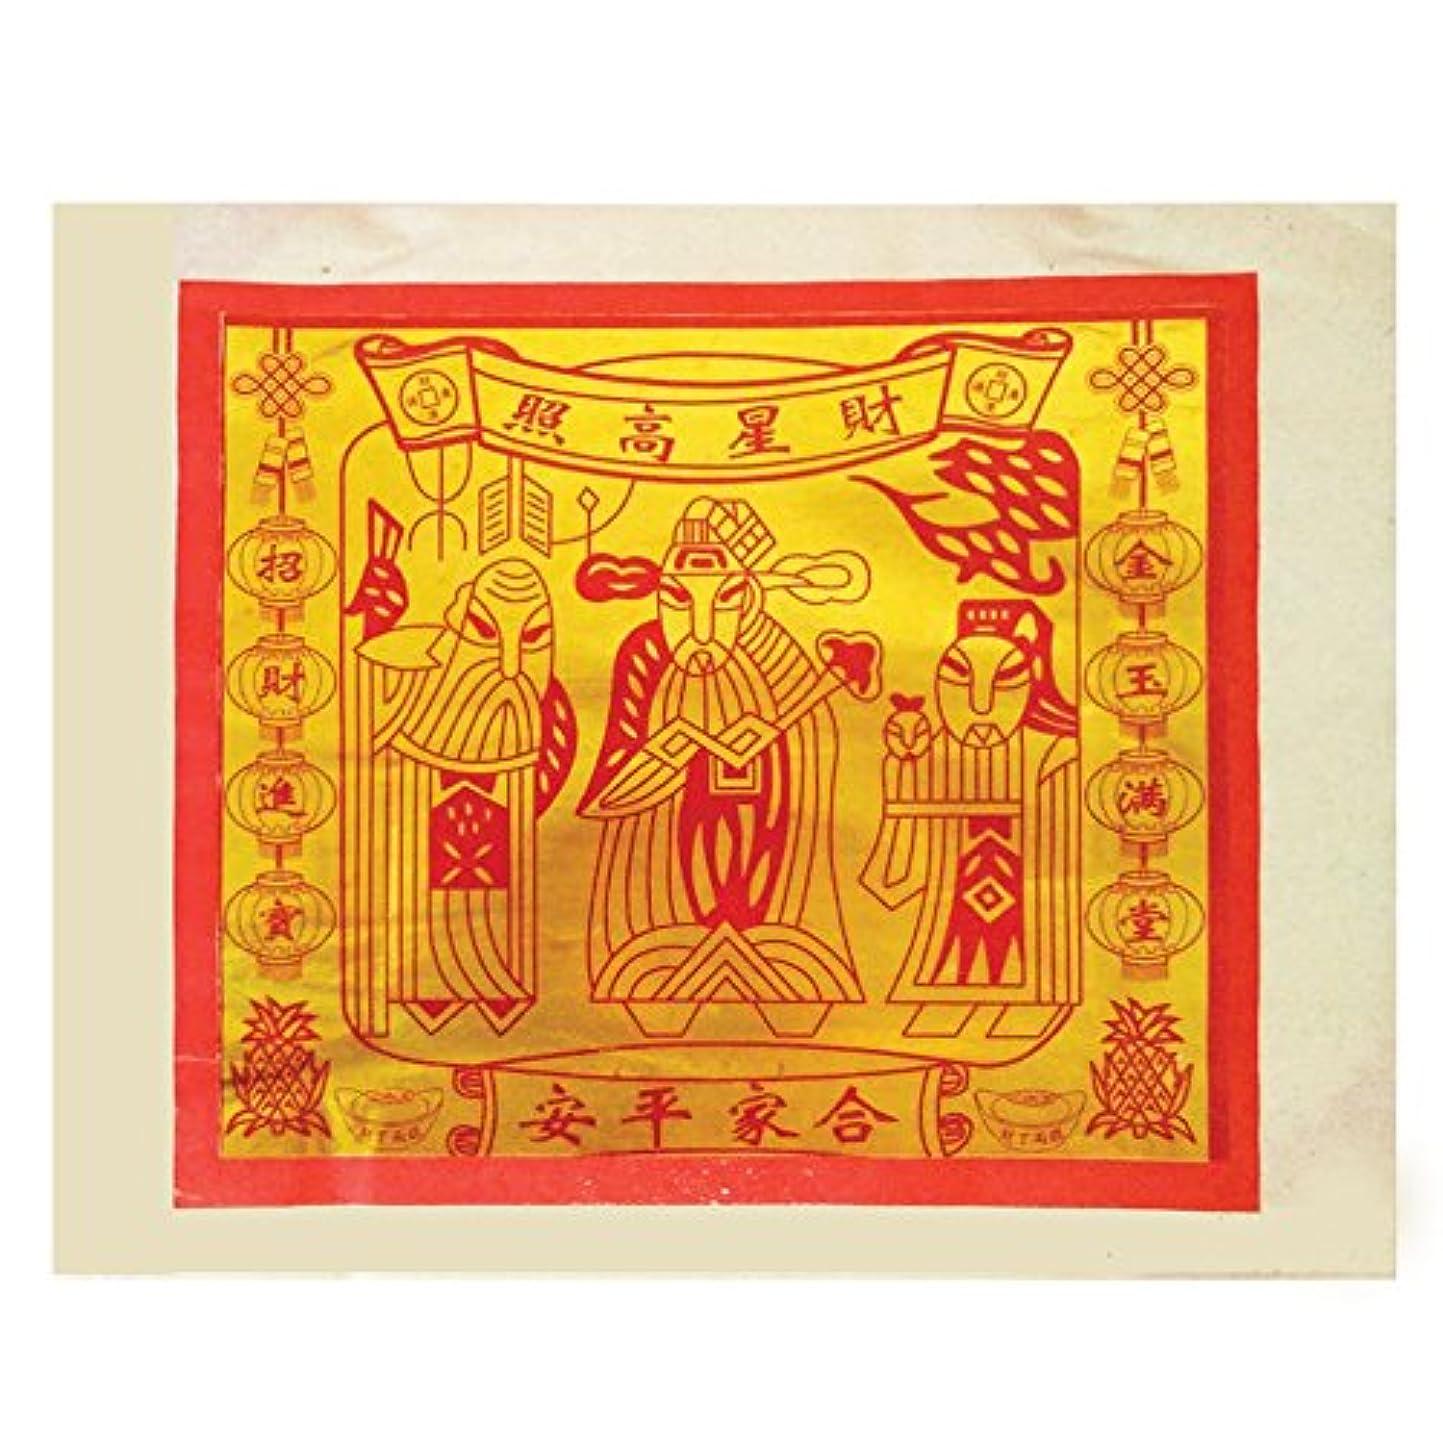 快い傀儡租界80pcs Incense用紙/ Joss用紙with Gold Foil ( Mediumサイズ) 10.6インチx 10.4インチ